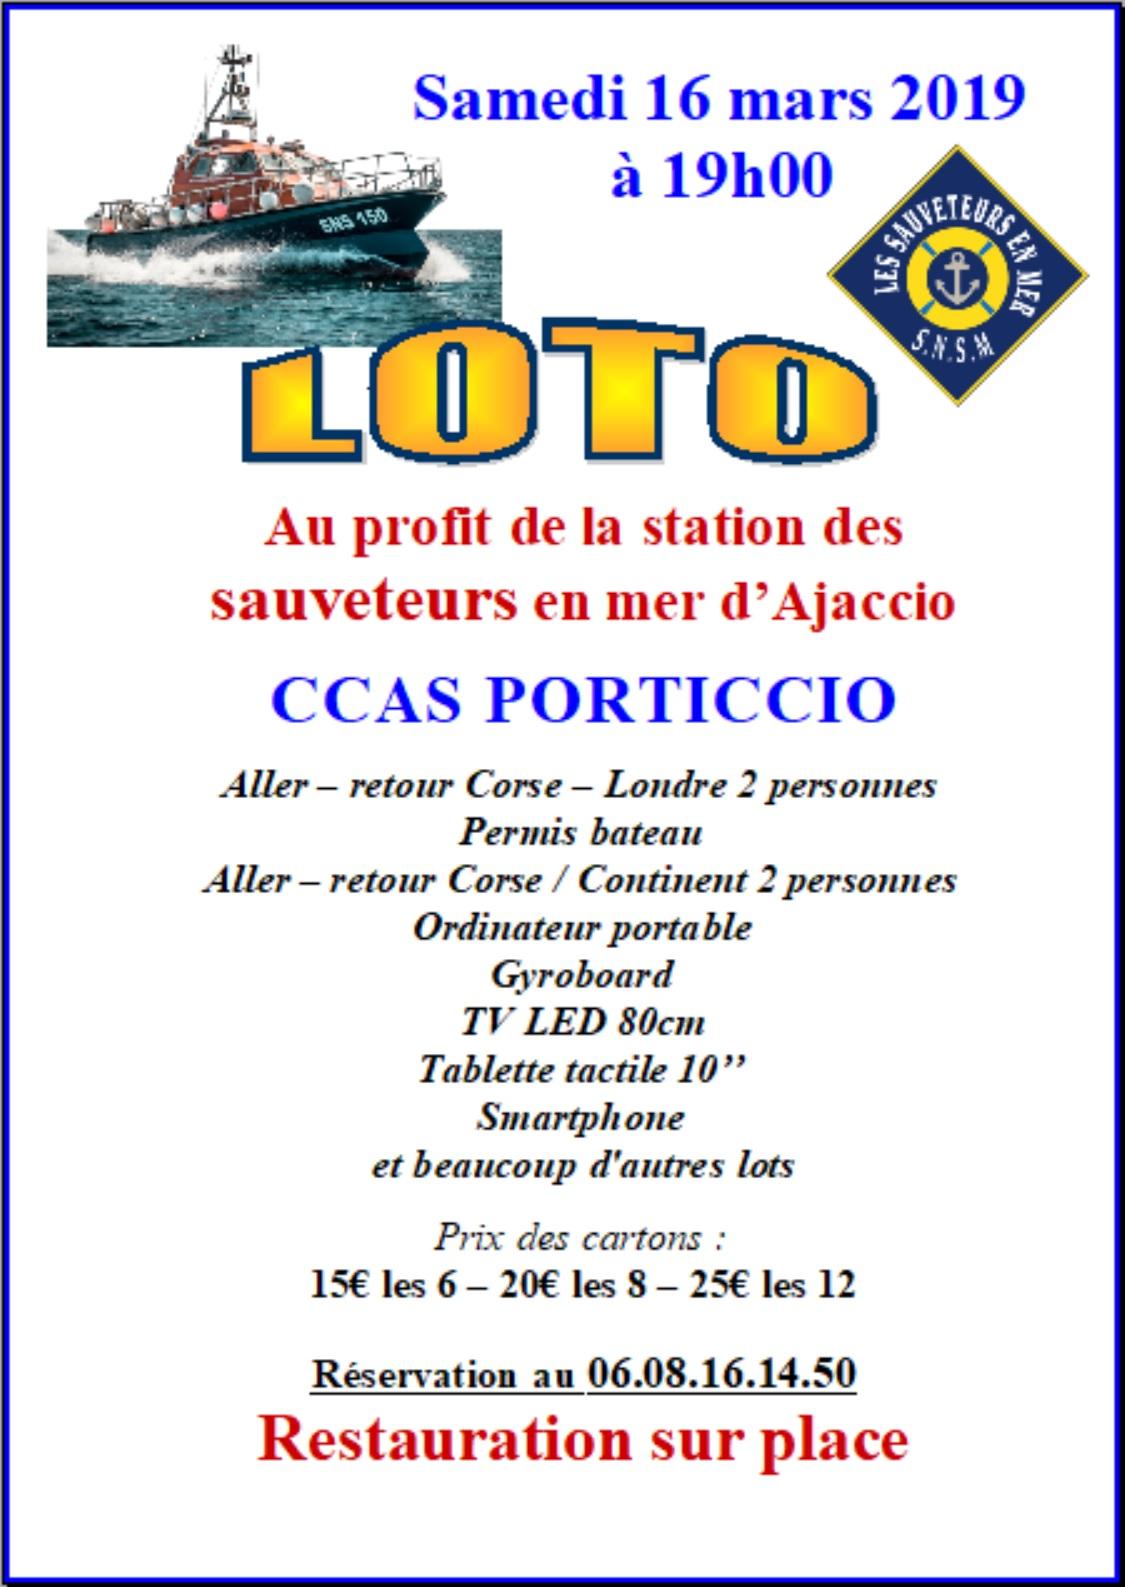 Porticcio : Loto au profit de la station des sauveteurs en mer d'Ajaccio ce samedi